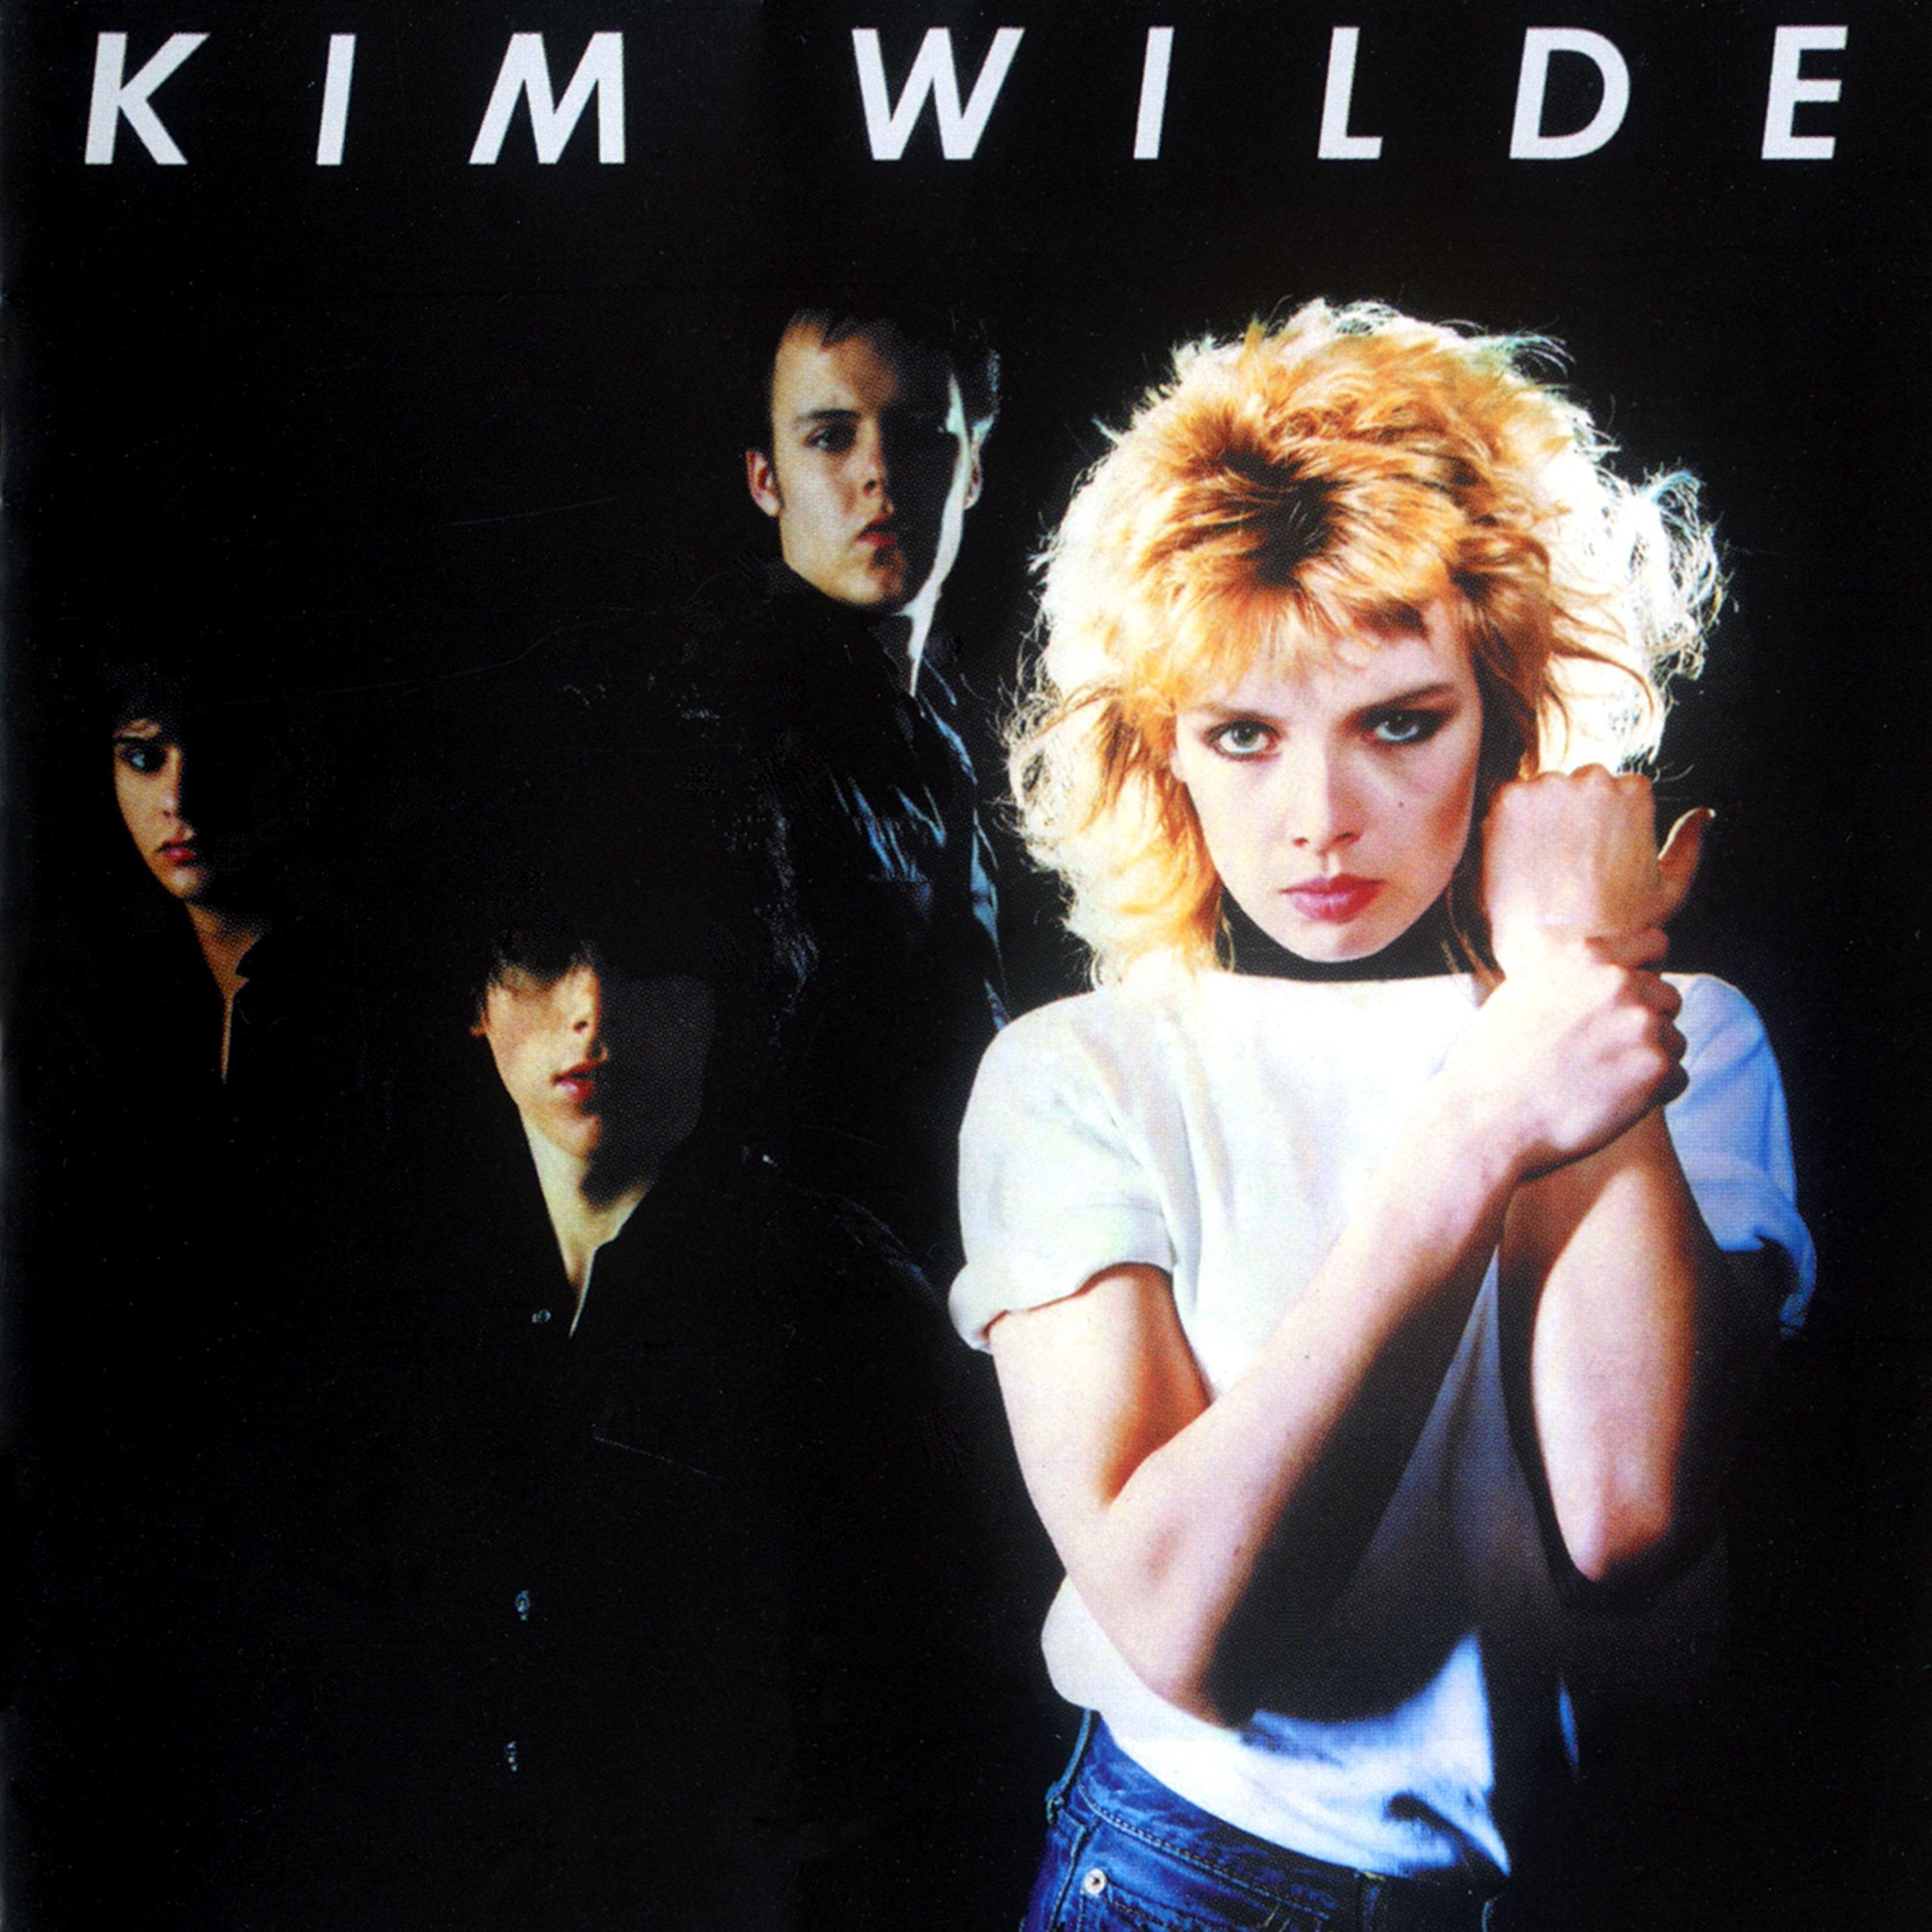 Kim Wilde - Kim Wilde (2020) [FLAC] Download